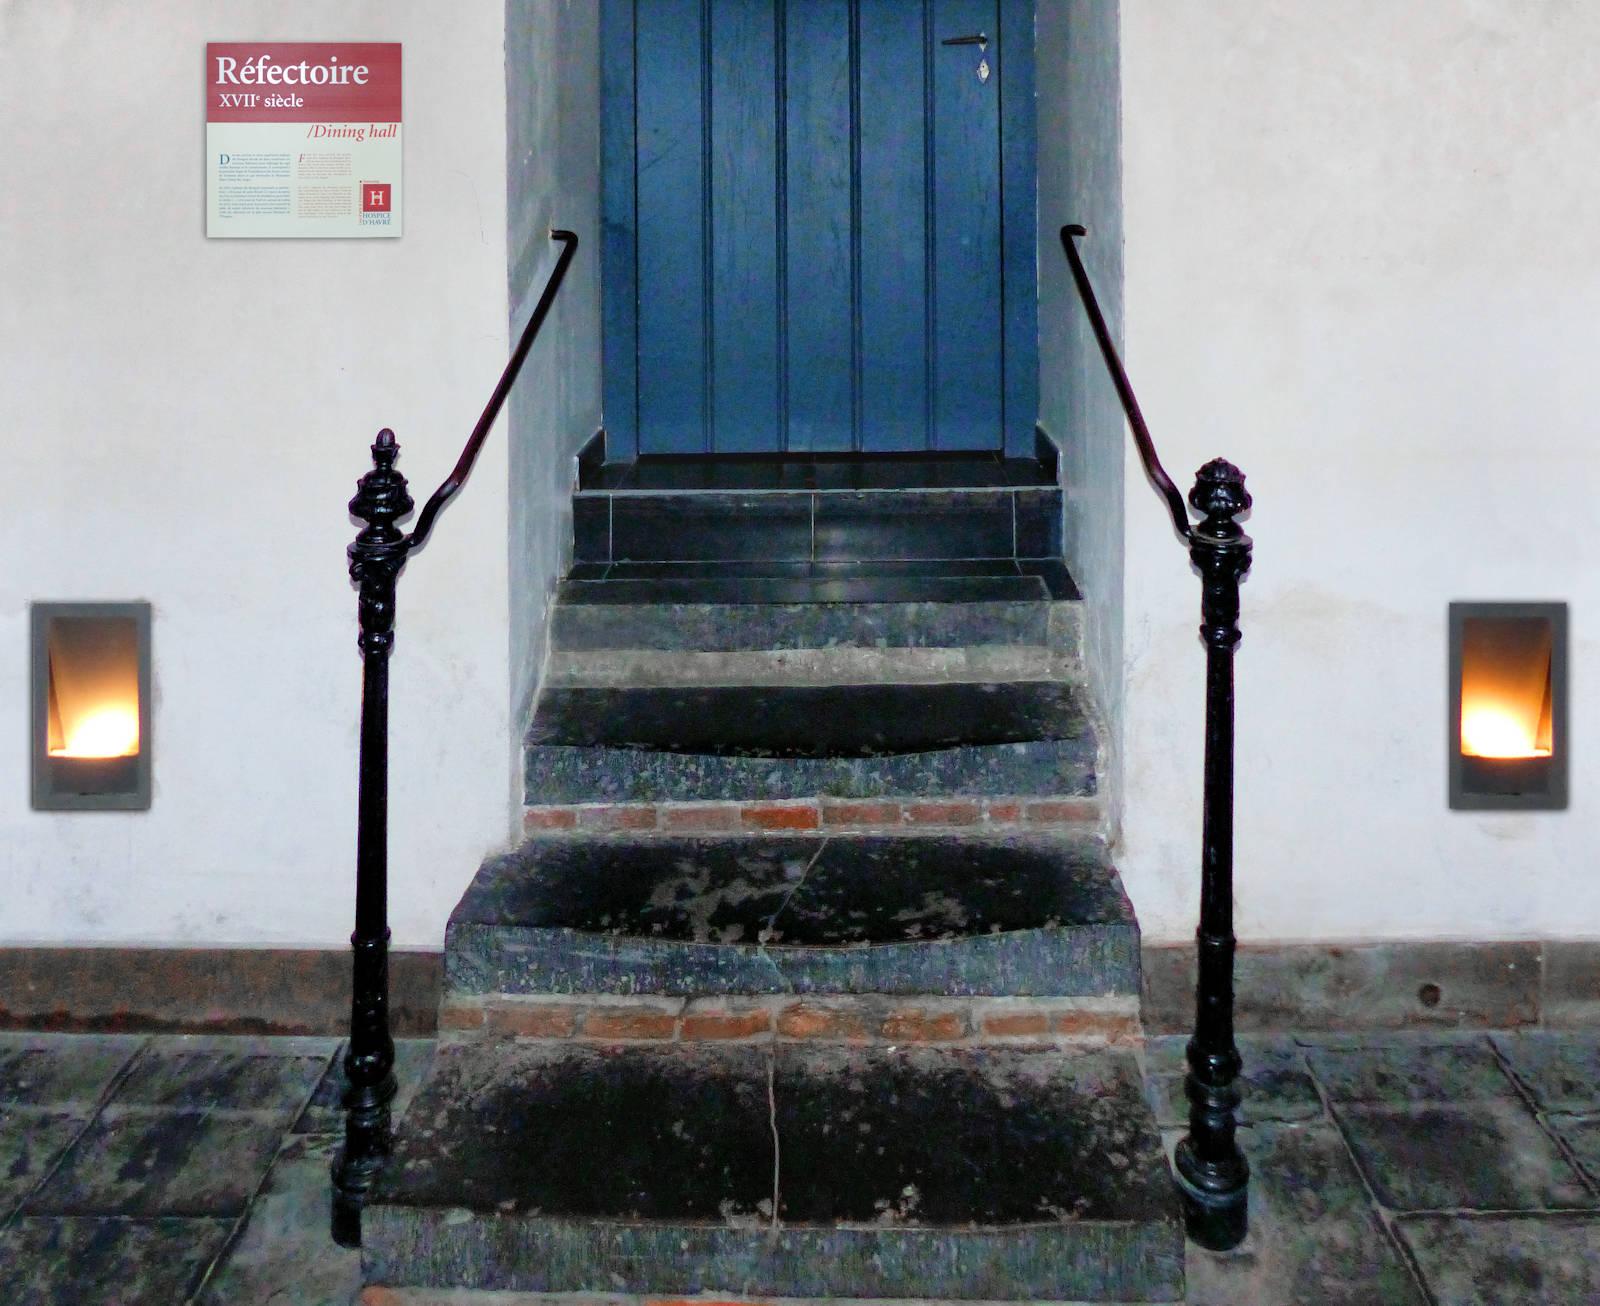 L'entrée du réfectoire, avec ses quelques marches